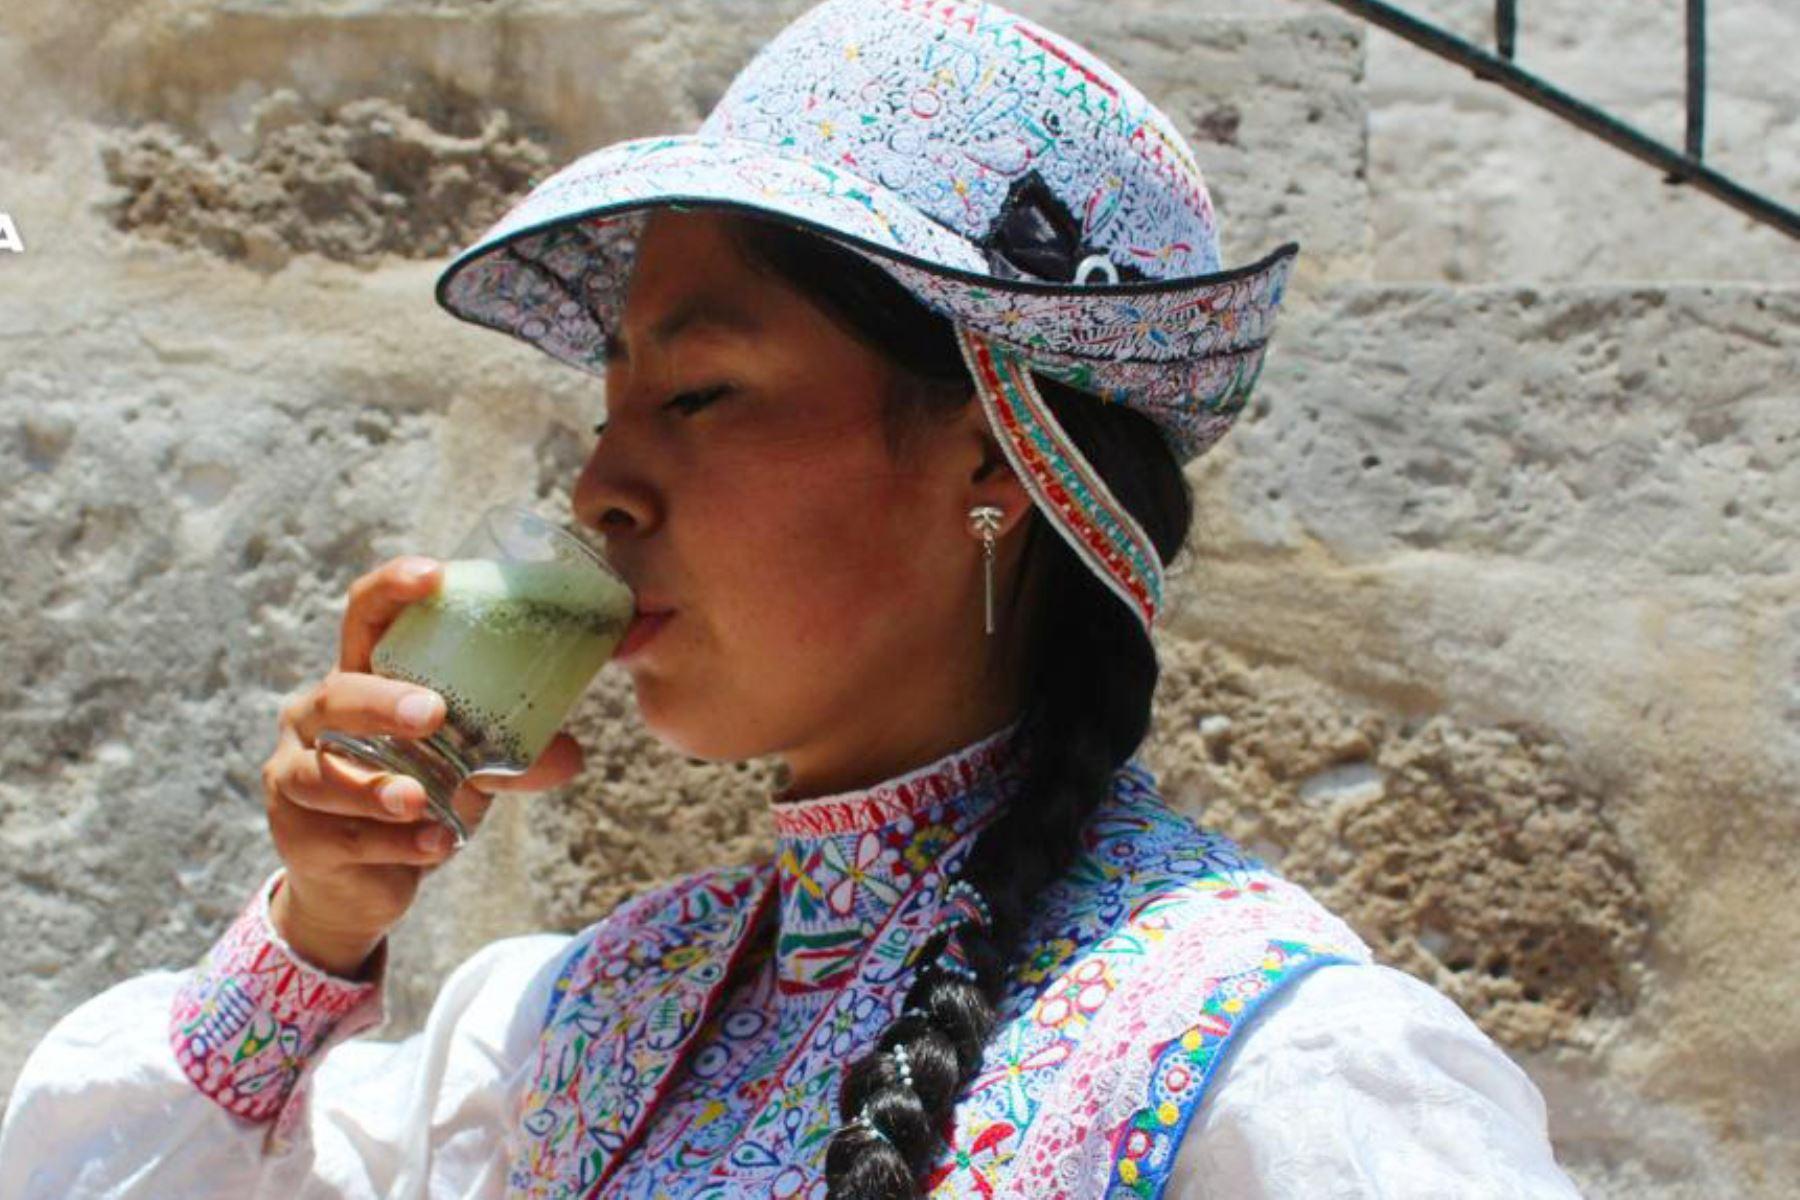 El colca sour es la bebida típica del valle del Colca, provincia de Caylloma, región Arequipa. Foto: ANDINA./Difusión